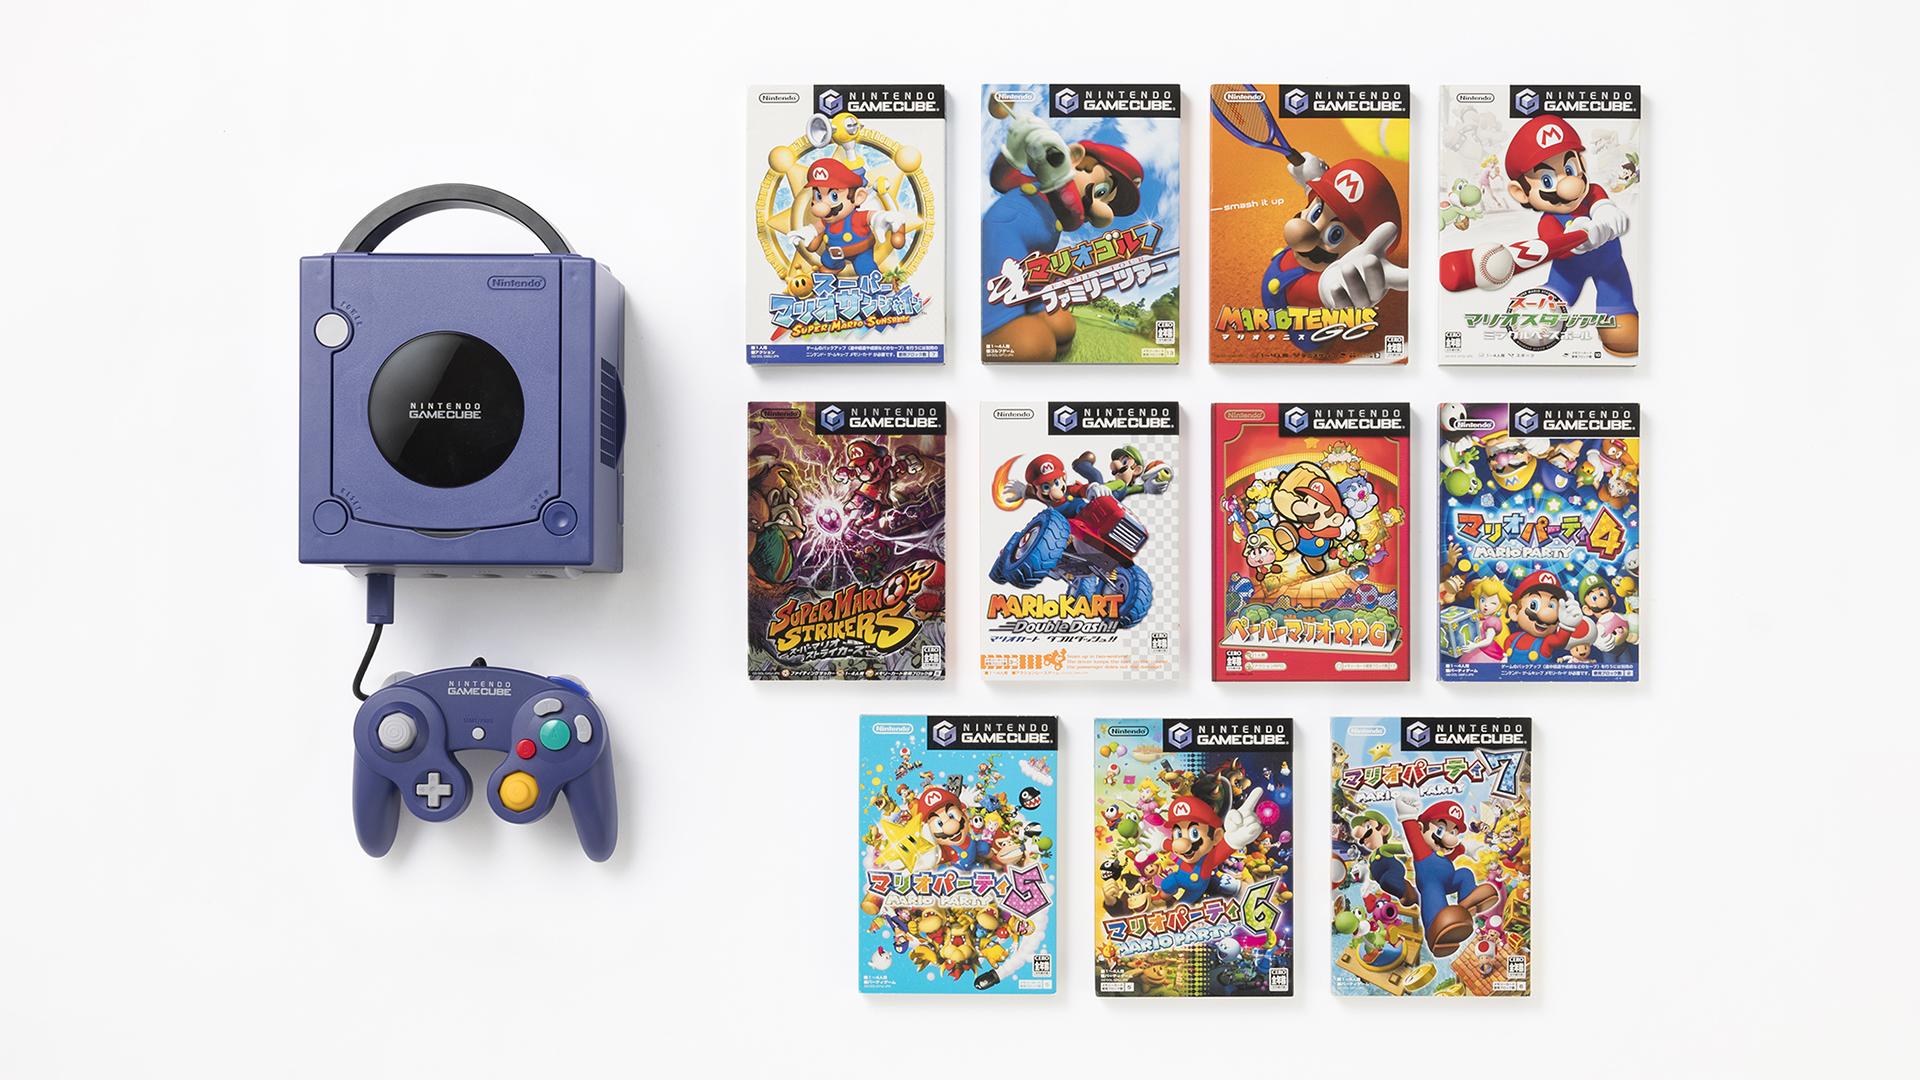 11 8 - 【速報】「ニンテンドー ゲームキューブ」の発売から今日で19年